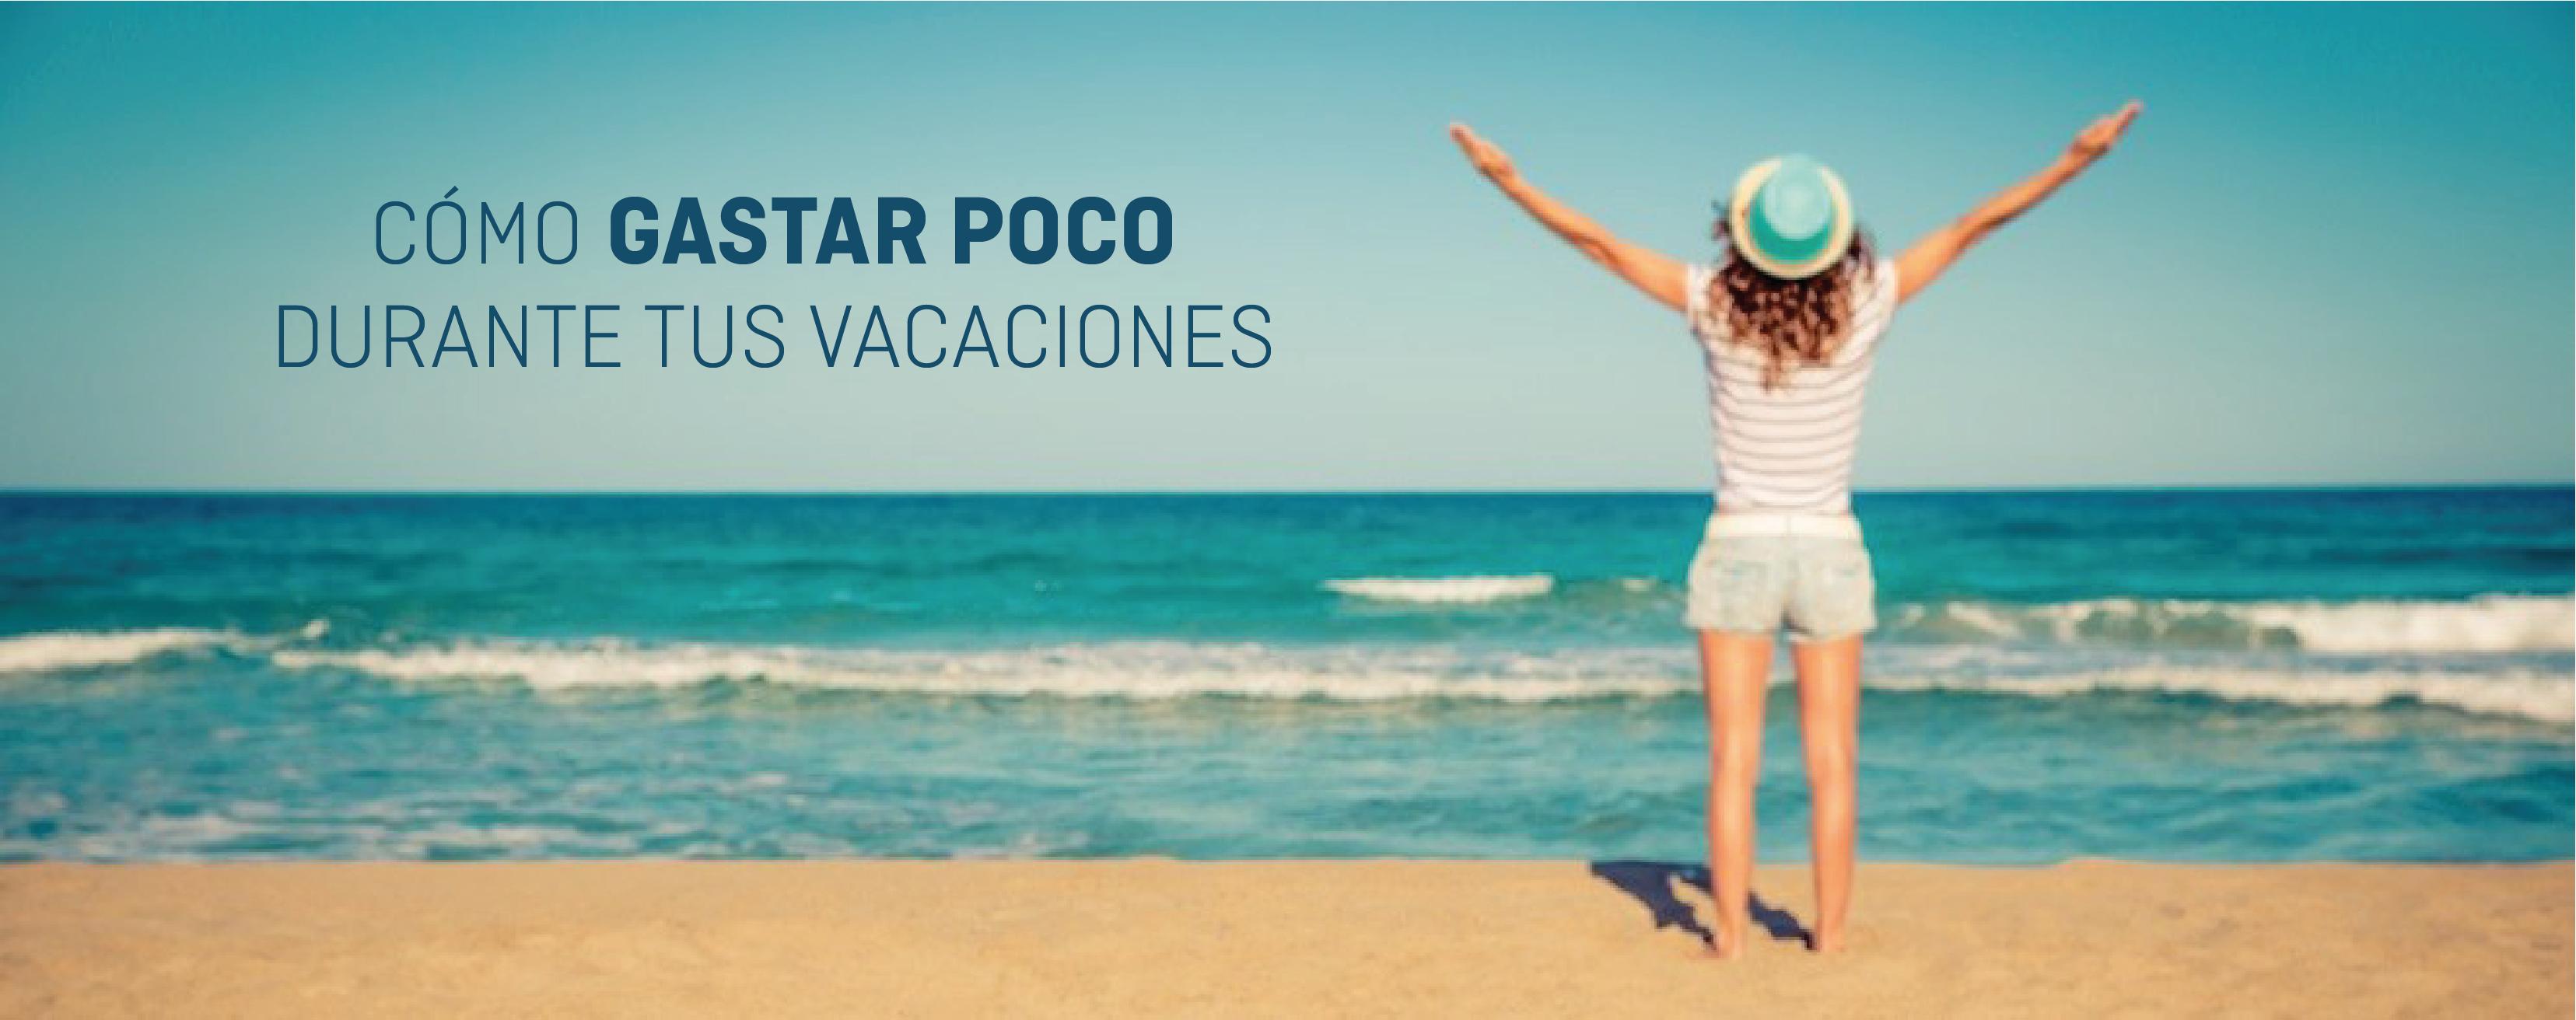 portada-gastar-poco-vacaciones